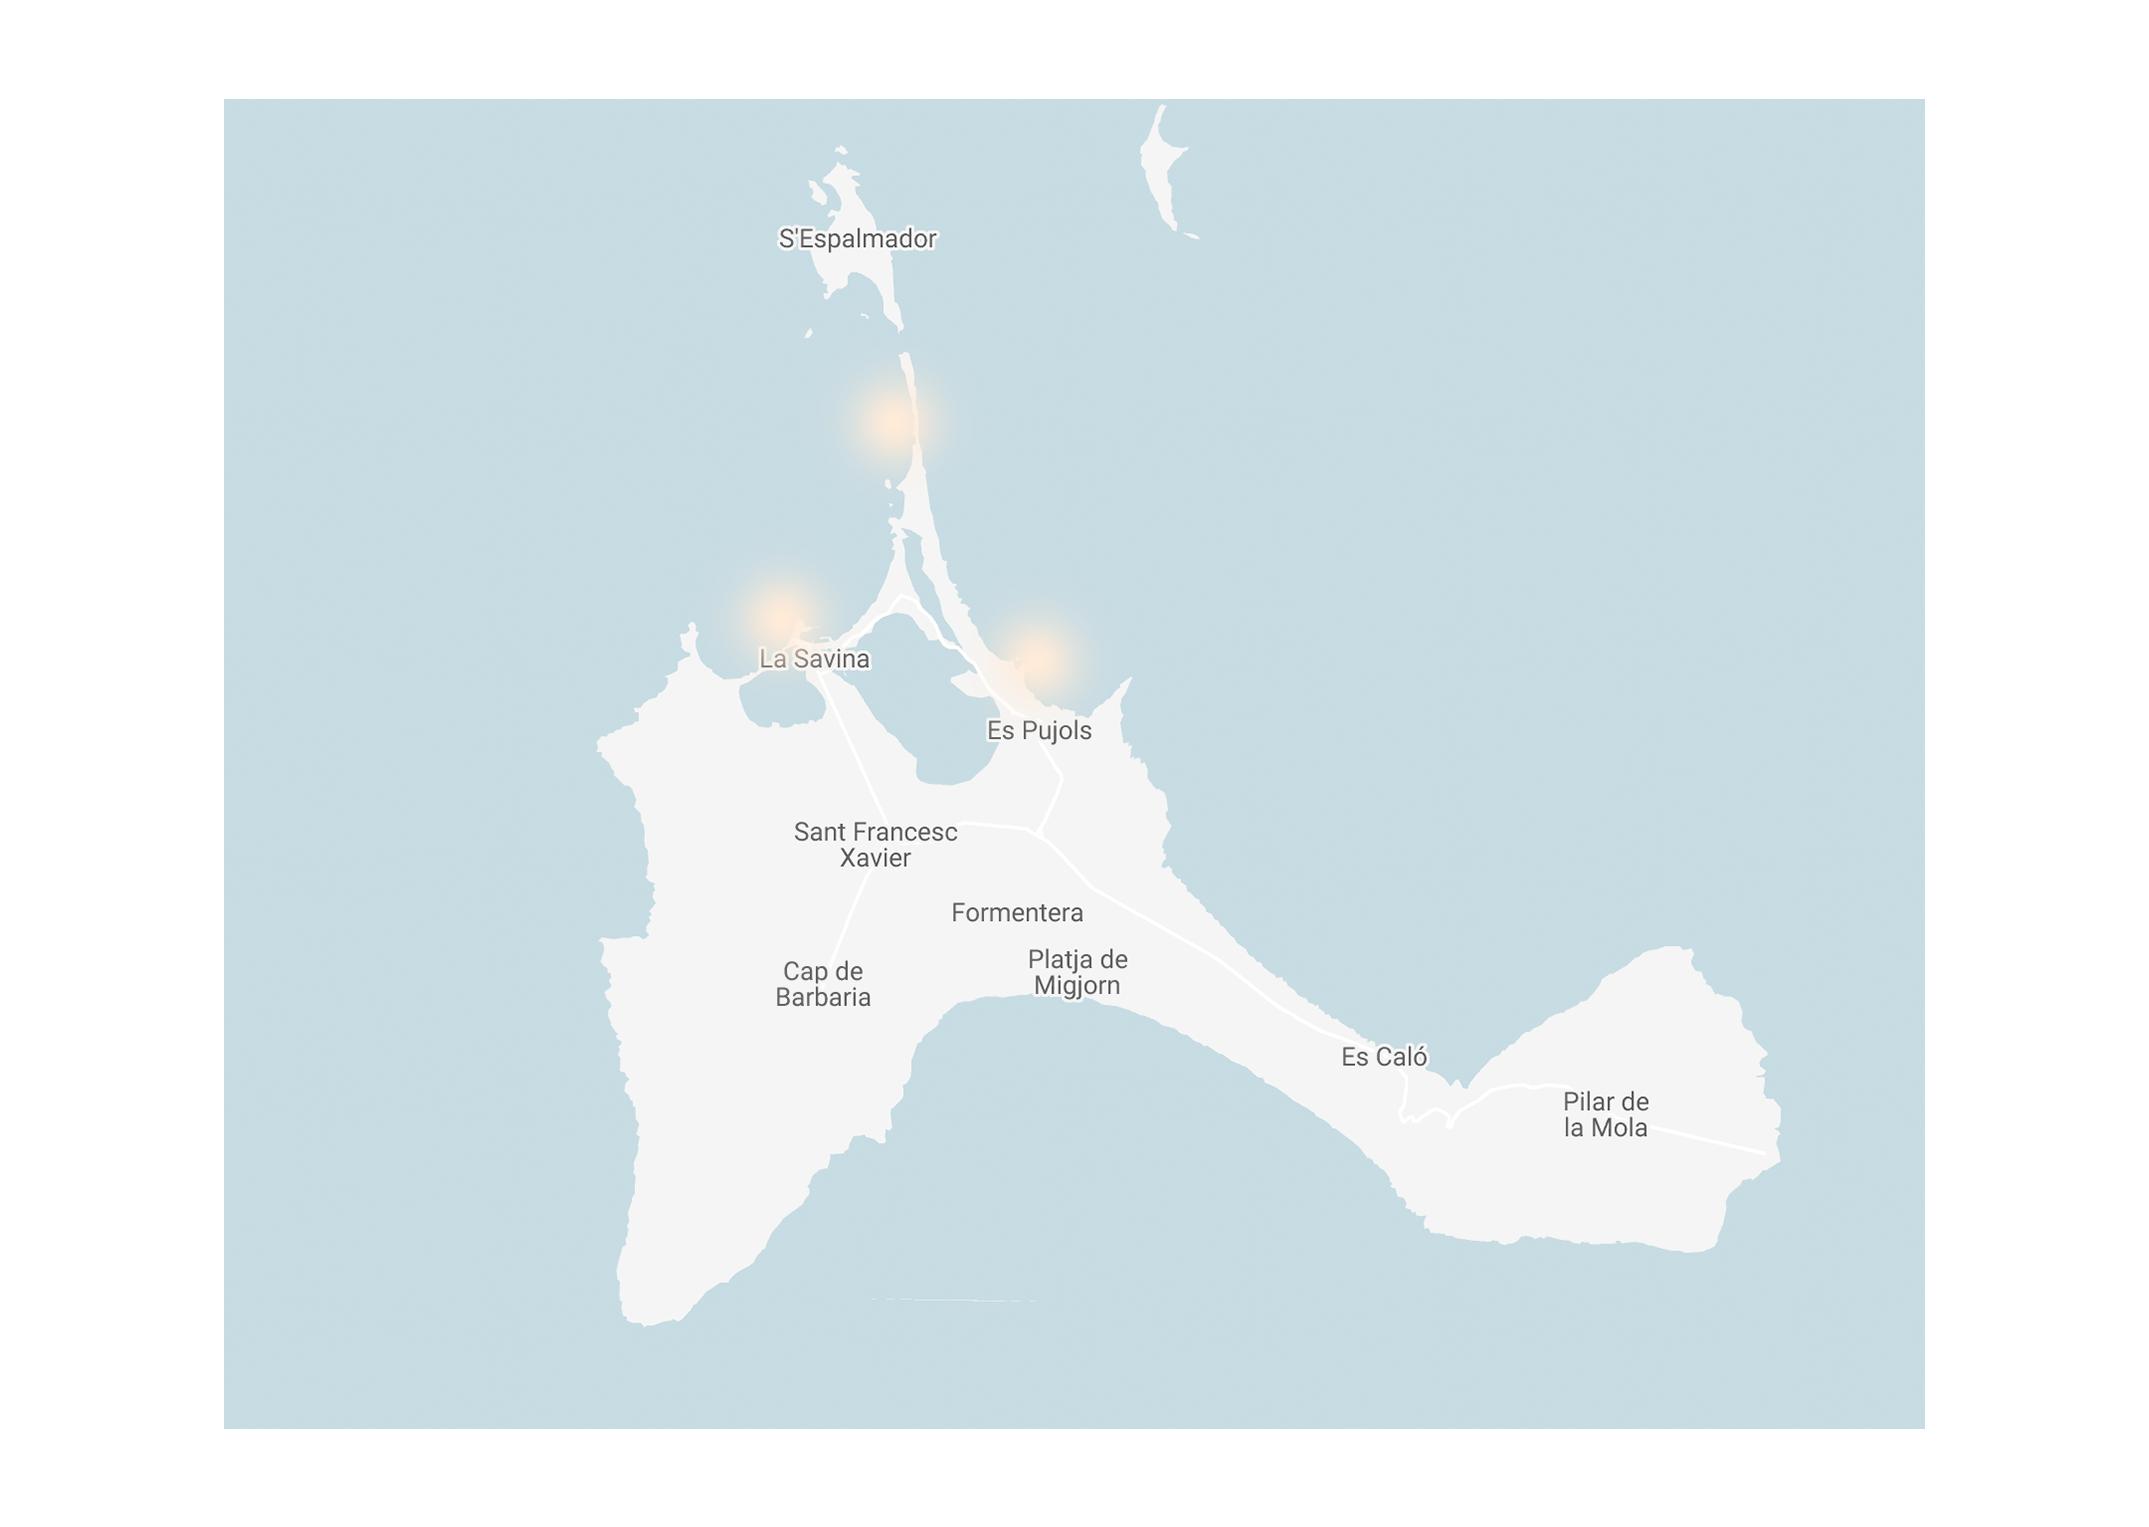 formenteramap.png